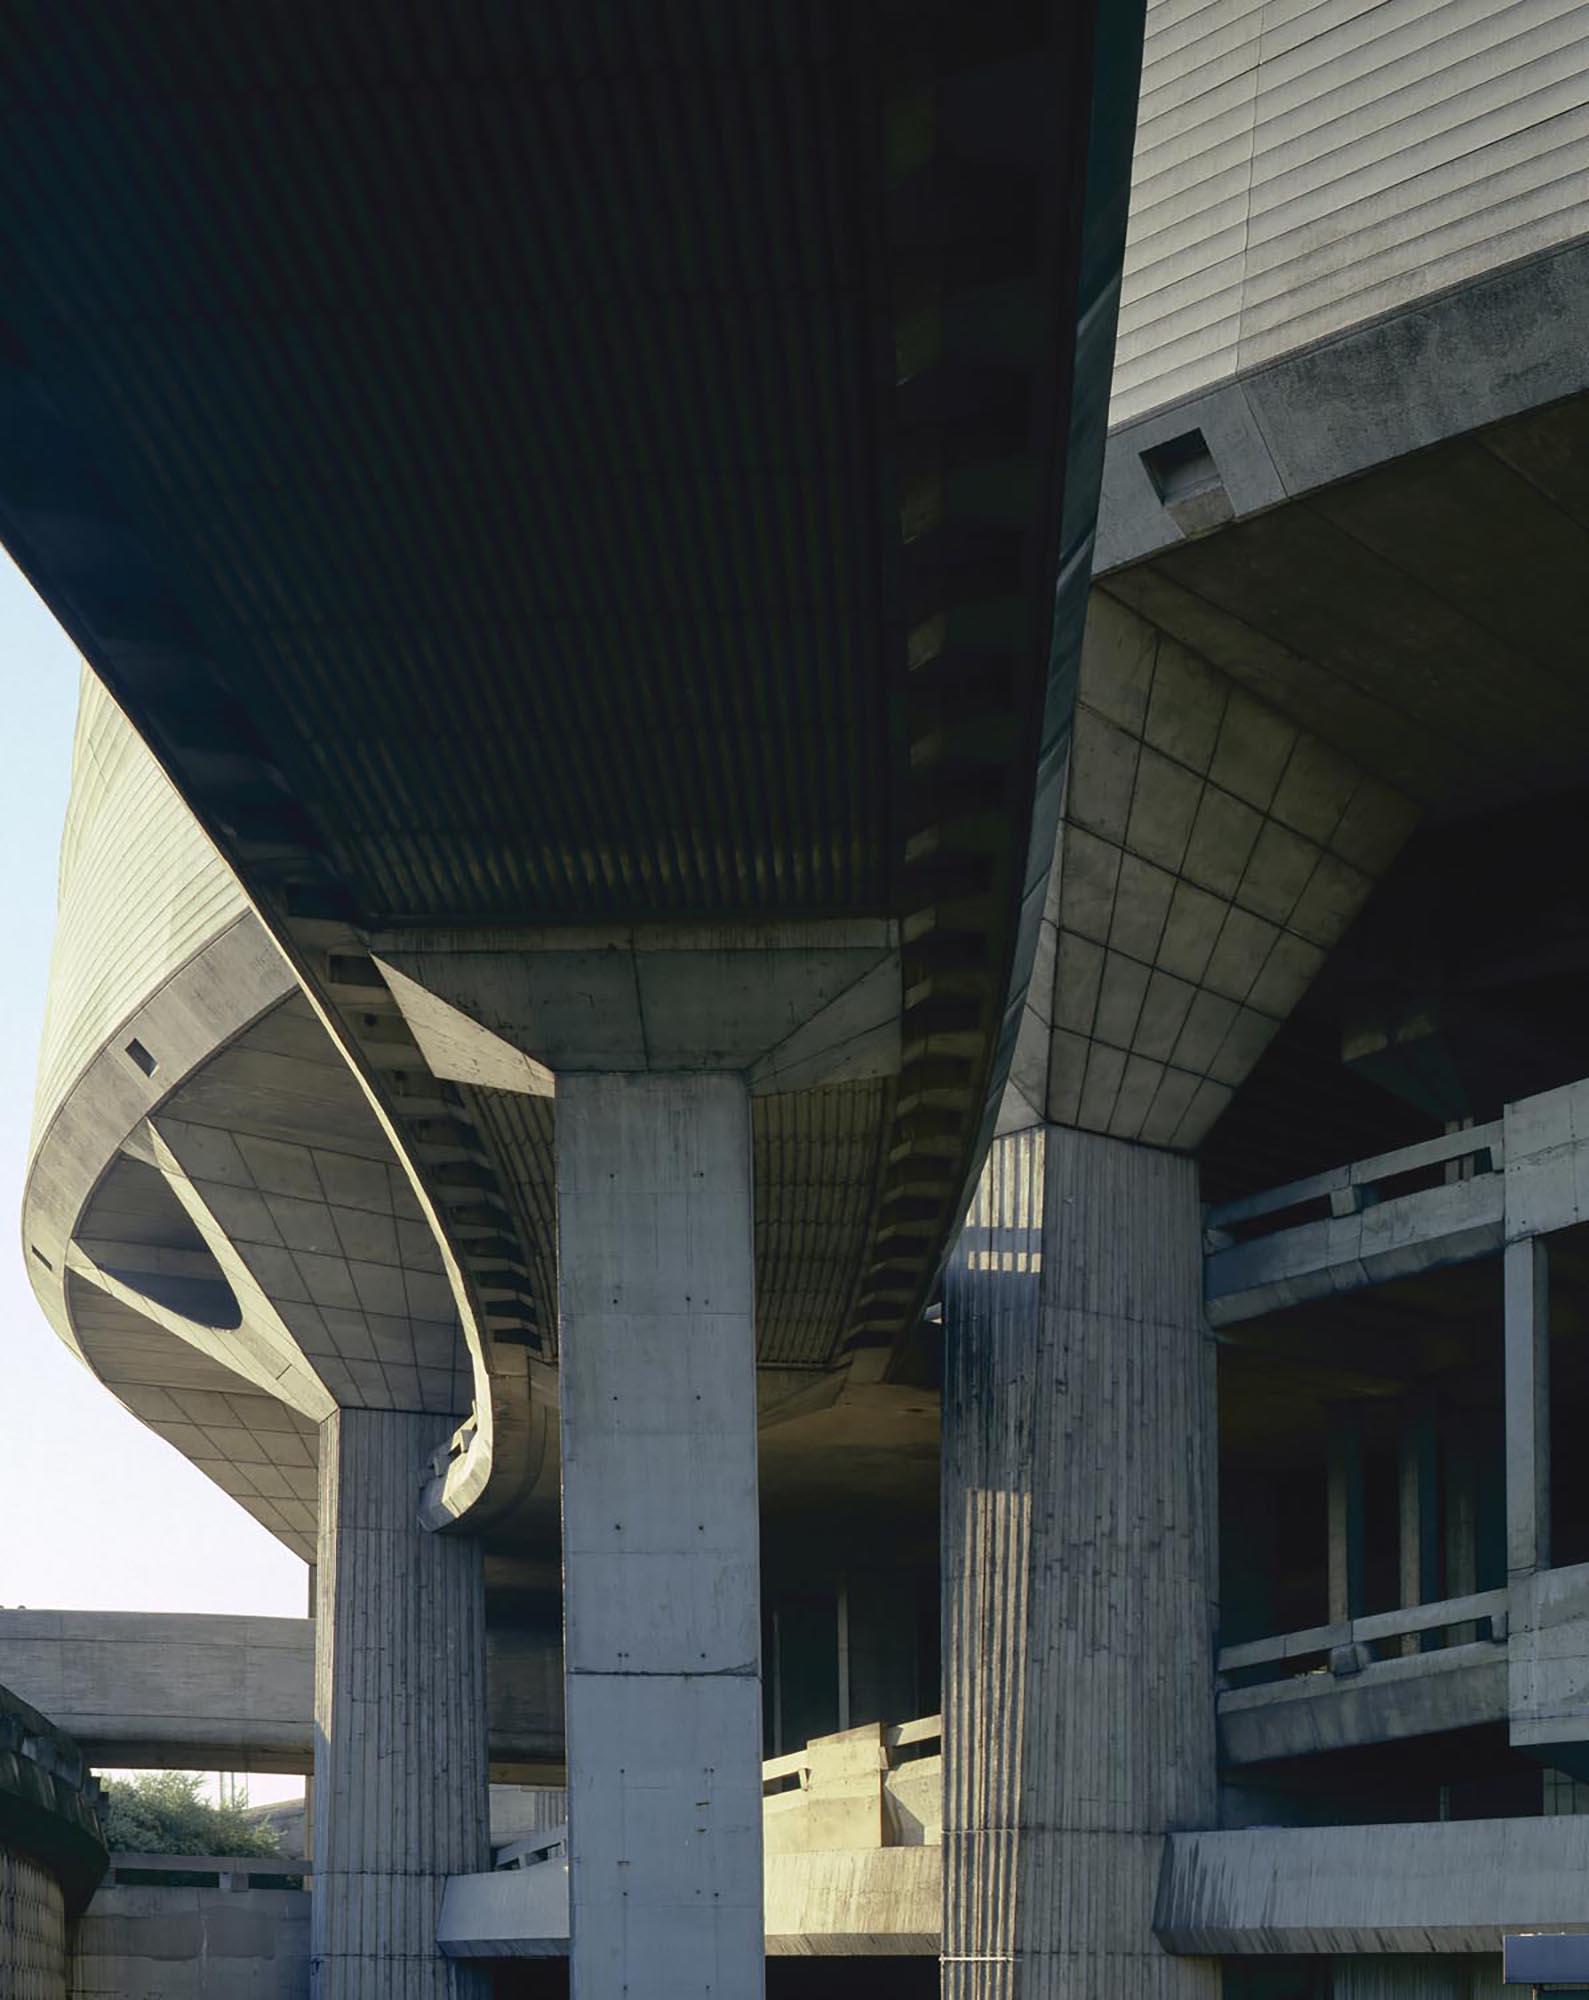 Terminal 1 CDG